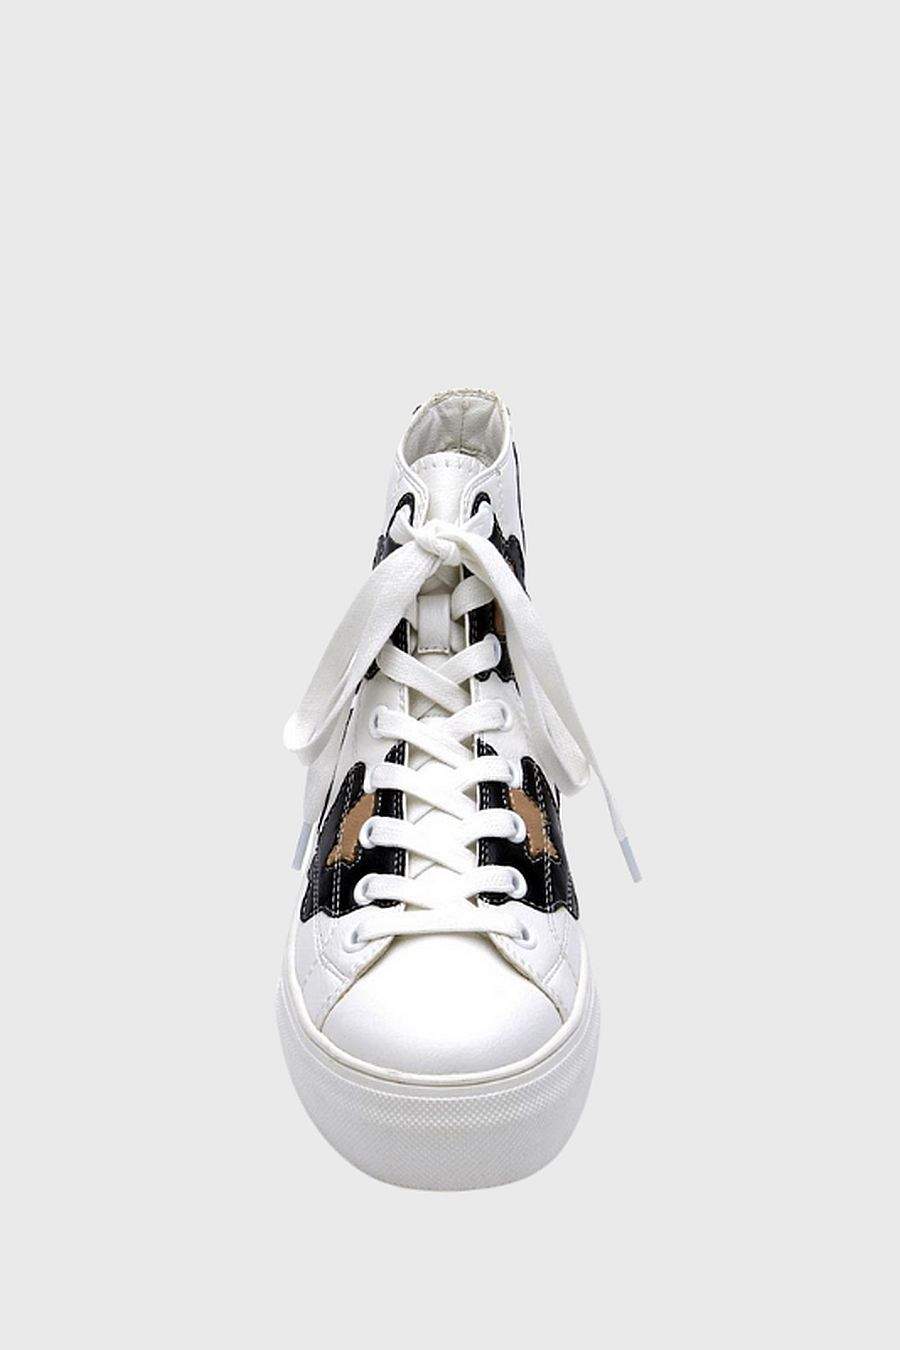 Matisse Footwear Eve High-Top Sneaker - black multi